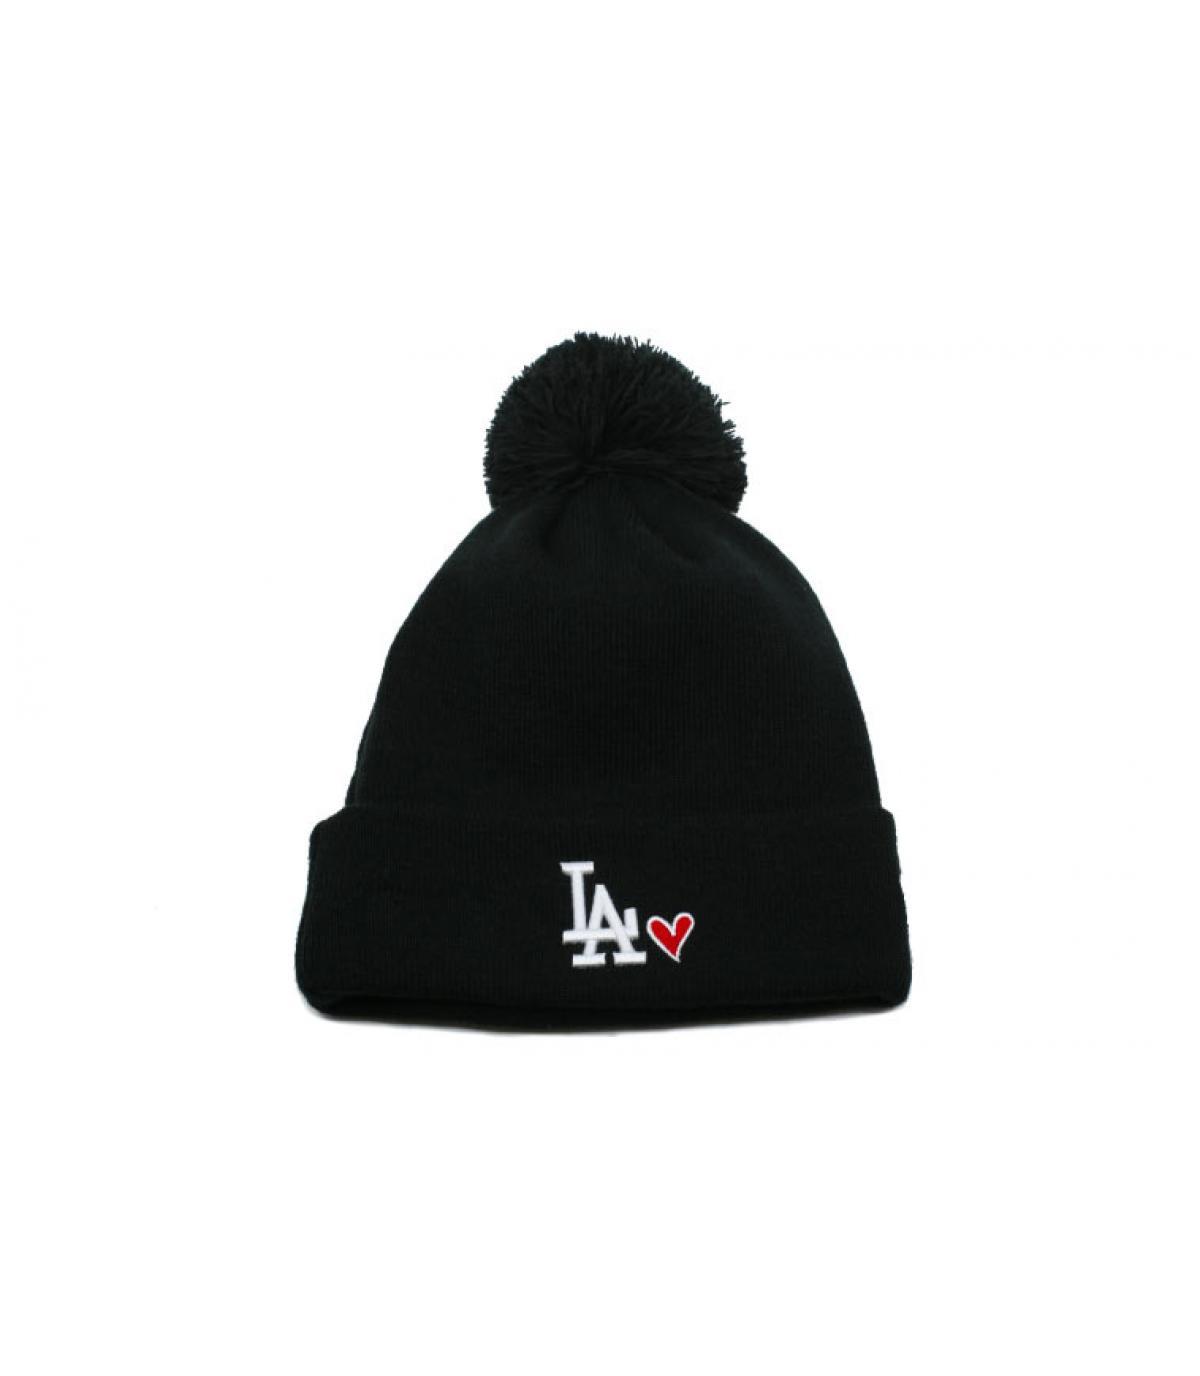 Details Bonnet Wmns Heart LA knit black - afbeeling 2